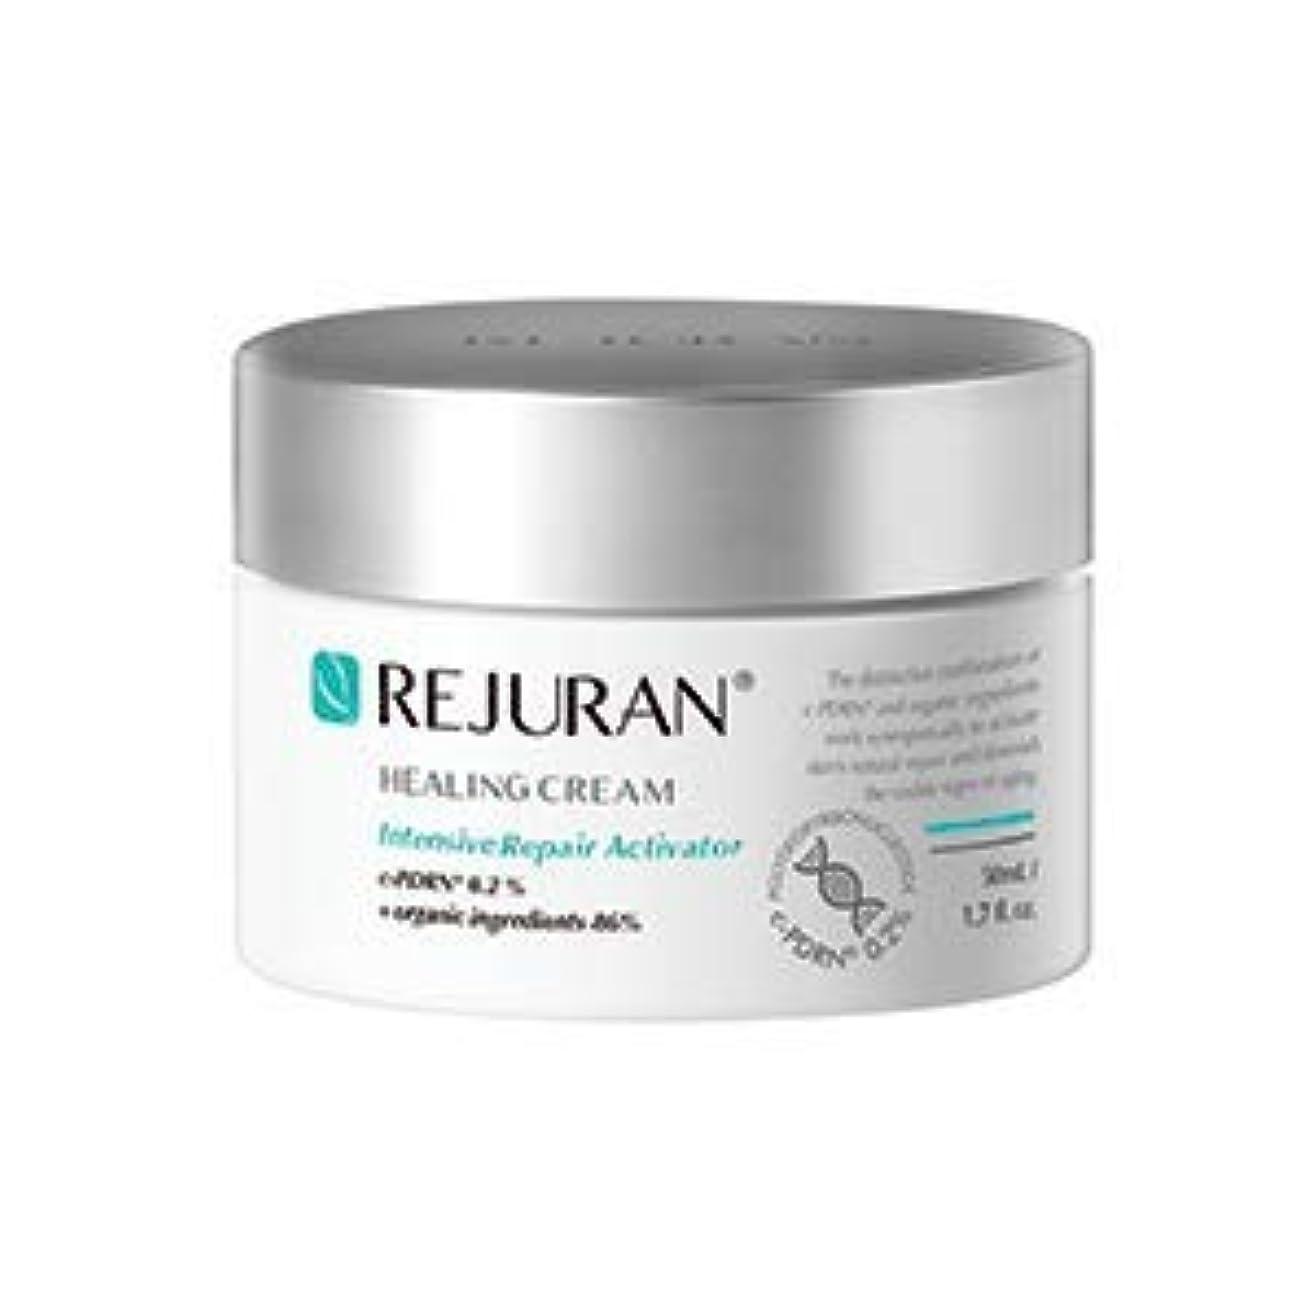 努力実際にブラウズ[ 皮膚科最高級ブランド ] リジュラン ヒーリング クリーム 50ml.(シワ改善機能性)REJURAN Healin Cream 50ml. X Healing Mask 2p